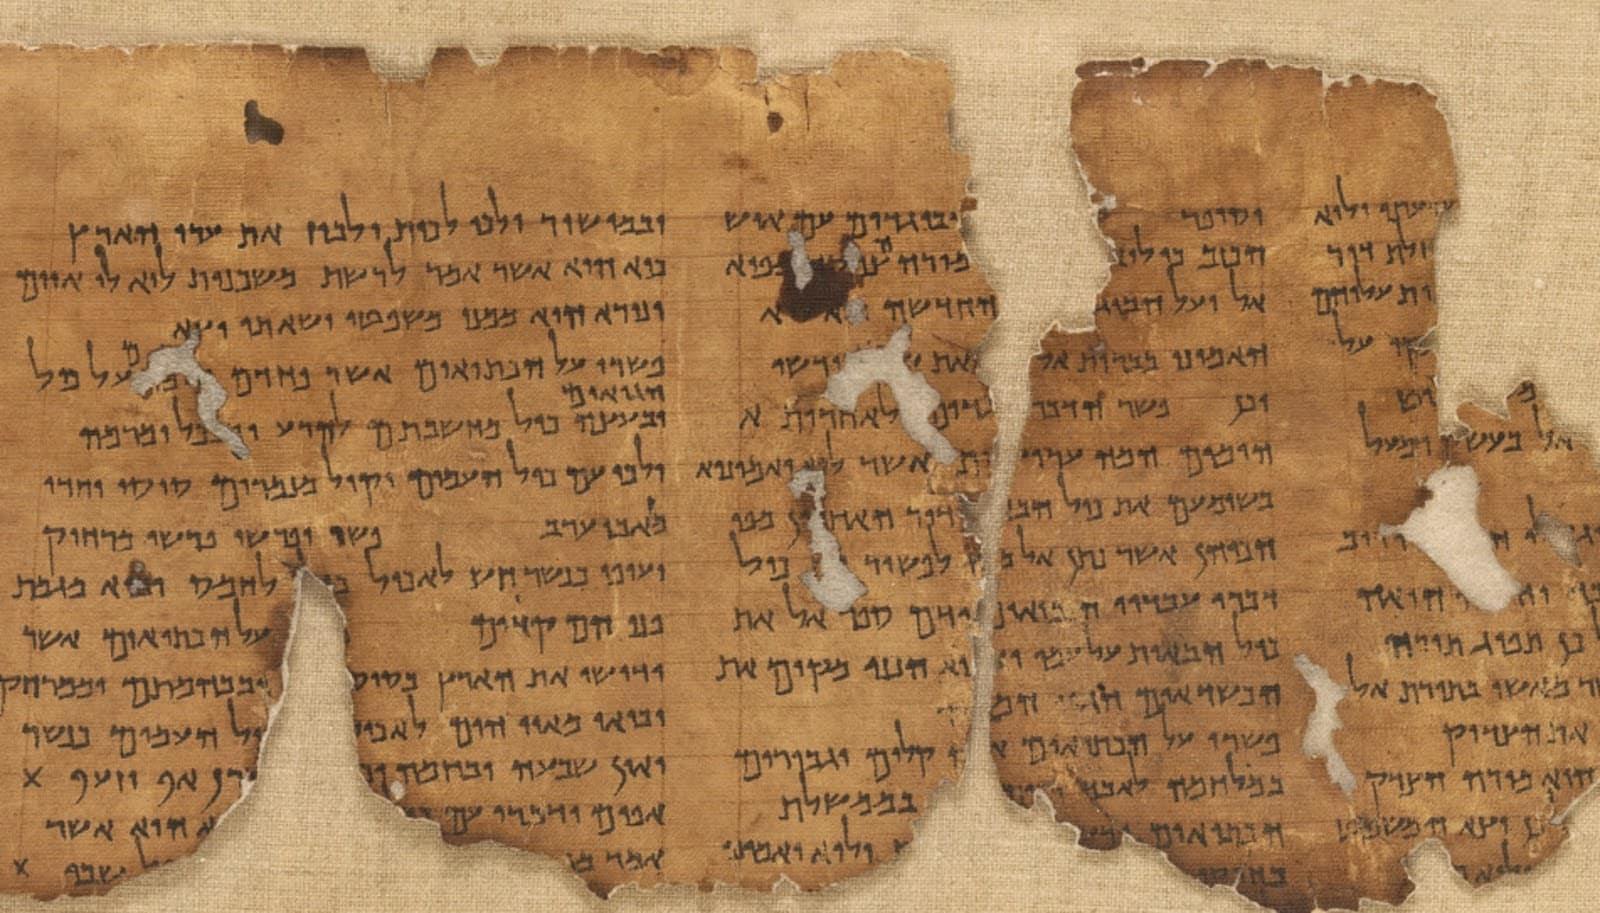 Antigo Testamento - História e origem das escrituras sagradas